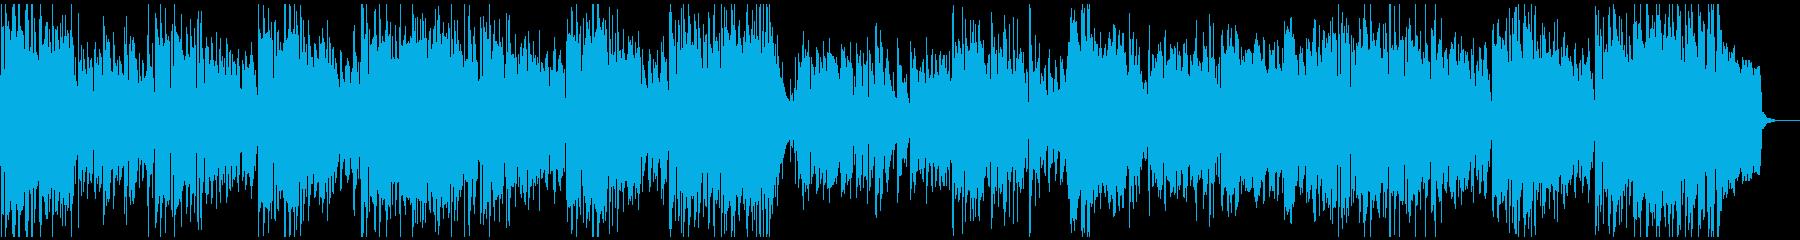 アグレッシブ管楽器ジャズ、情熱的なリズムの再生済みの波形